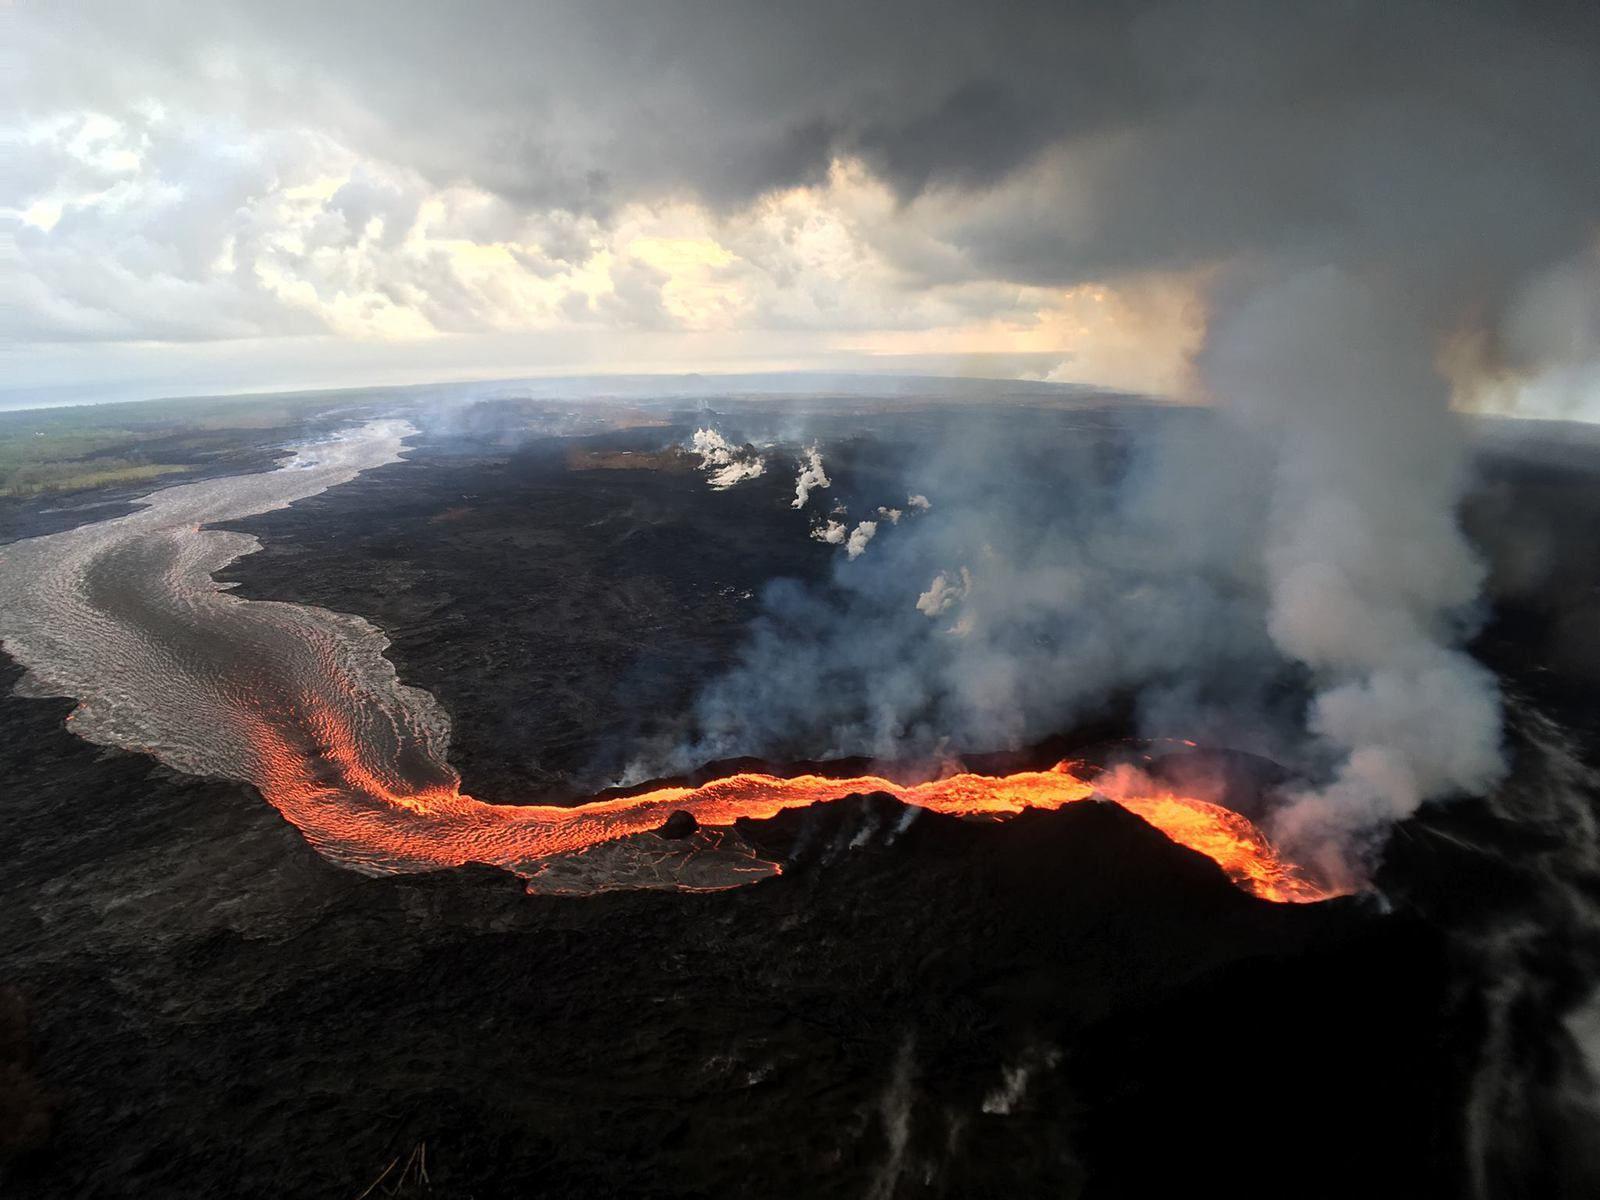 Kilauea zone de rift Est - les émissions de dioxyde de soufre restent importante sur la fissure 8 - photo Dand Dupont via Hawaii Tracker